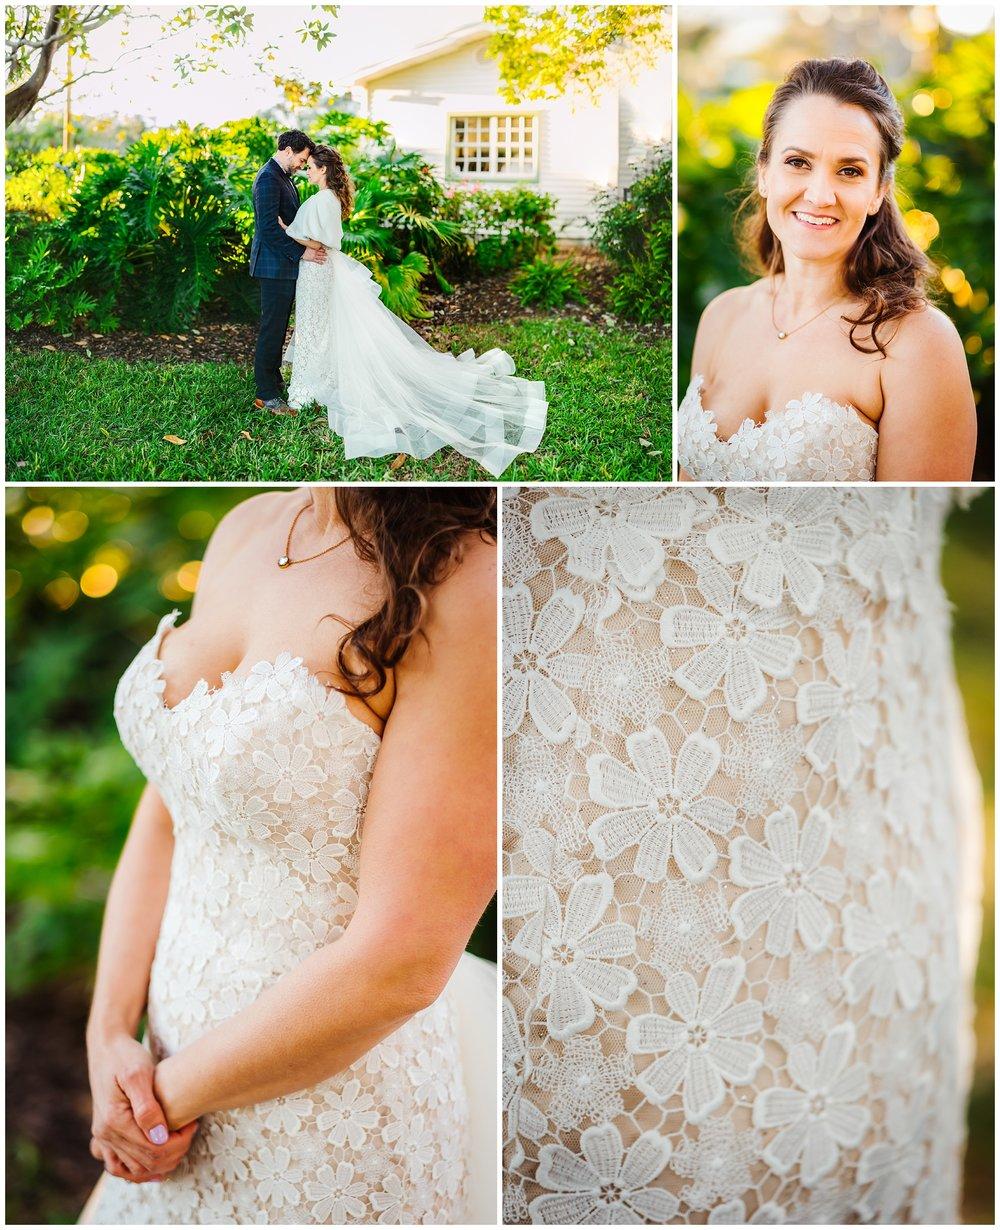 tampa-wedding-photographer-davis-island-flamingo-garden-alexander-mcqueen-non-traditional_0056.jpg